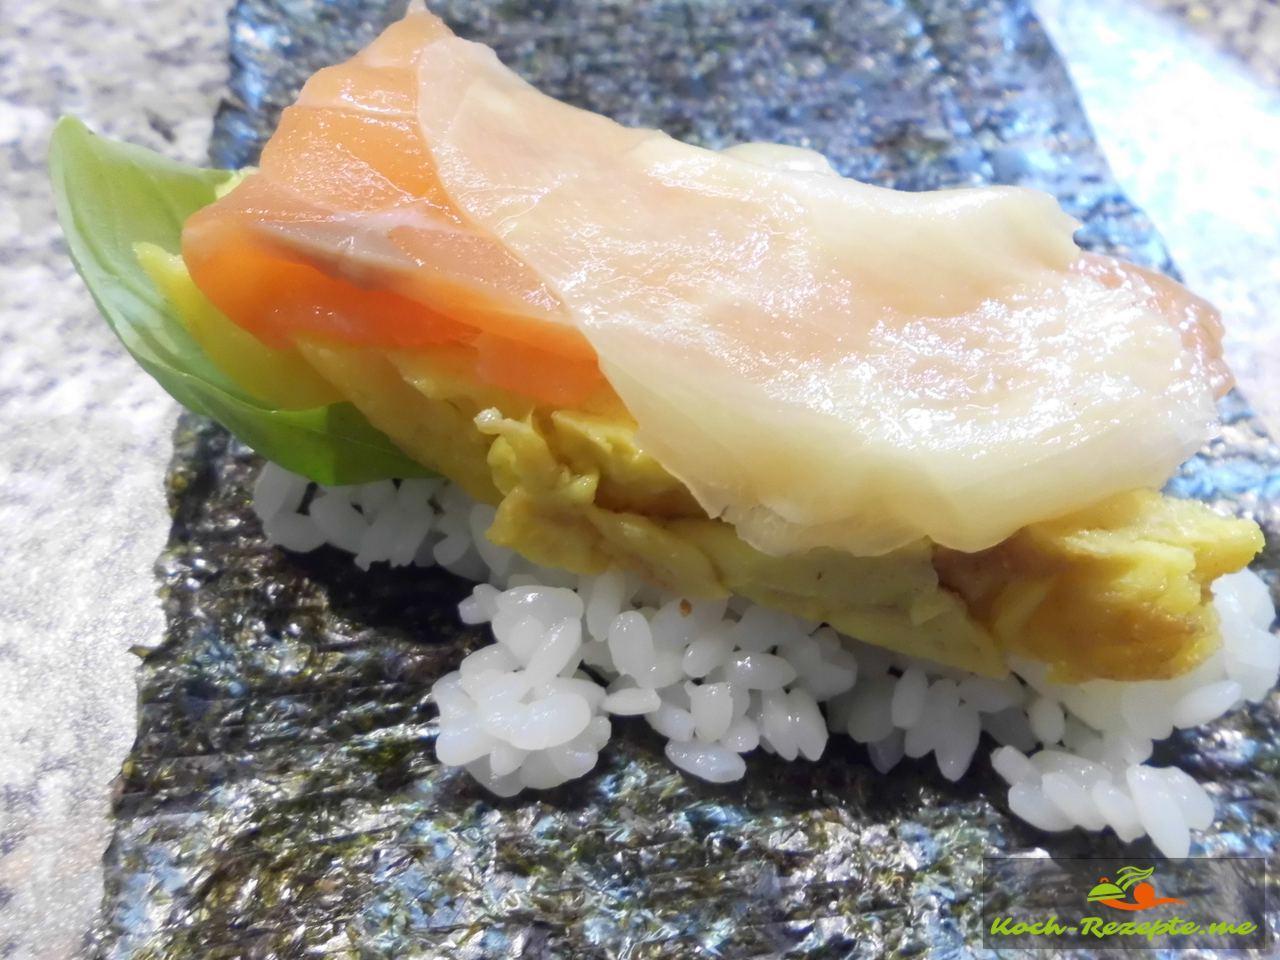 Dann das Omelette erkalten lassen um es in Streifen zu schneiden. Tamagoyaki japanische Omelette